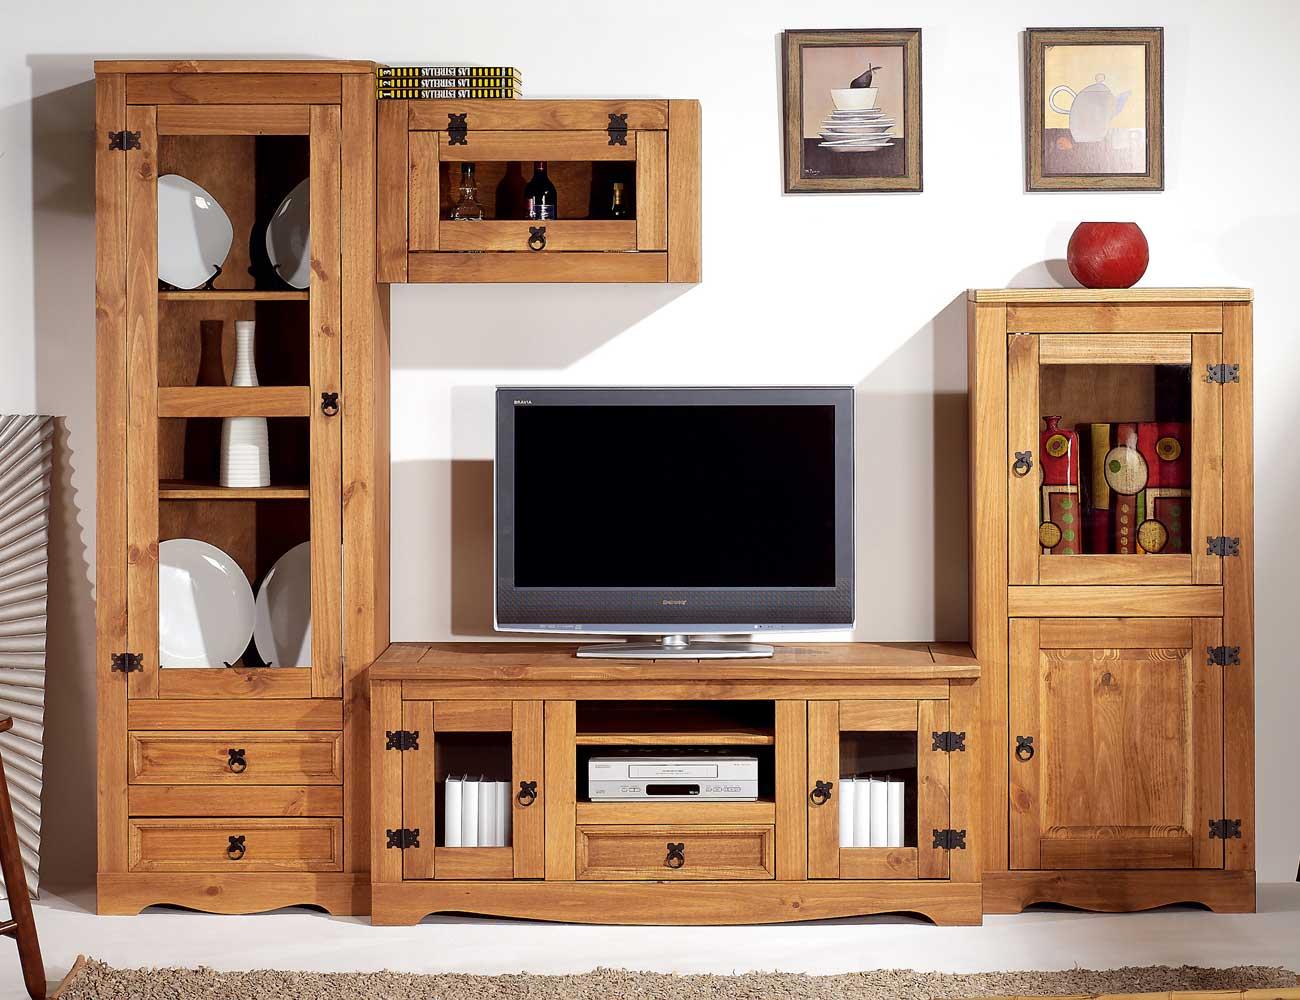 Mueble salon comedor madera rustico nogal claro1